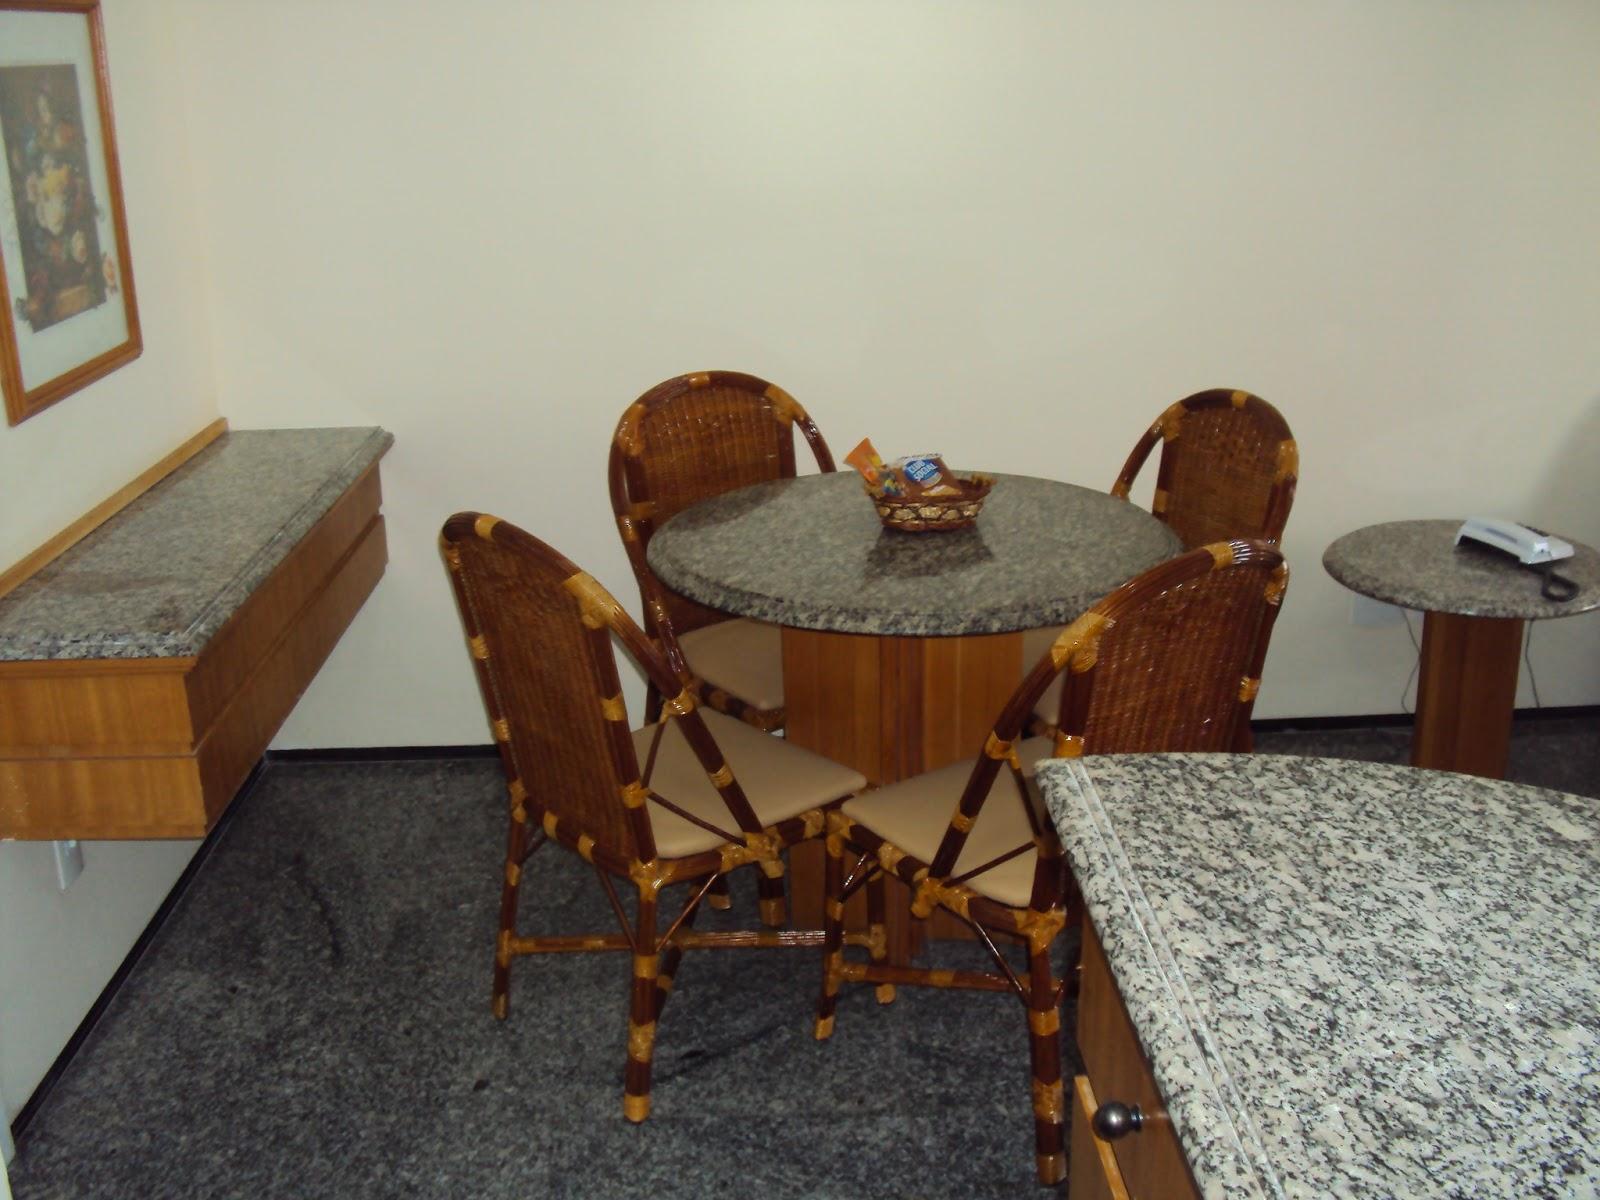 Imagens de #68401D Na cozinha temos eletrodomésticos de fácil manuseio como: cafeteira  1600x1200 px 3548 Blindex Banheiro Fortaleza